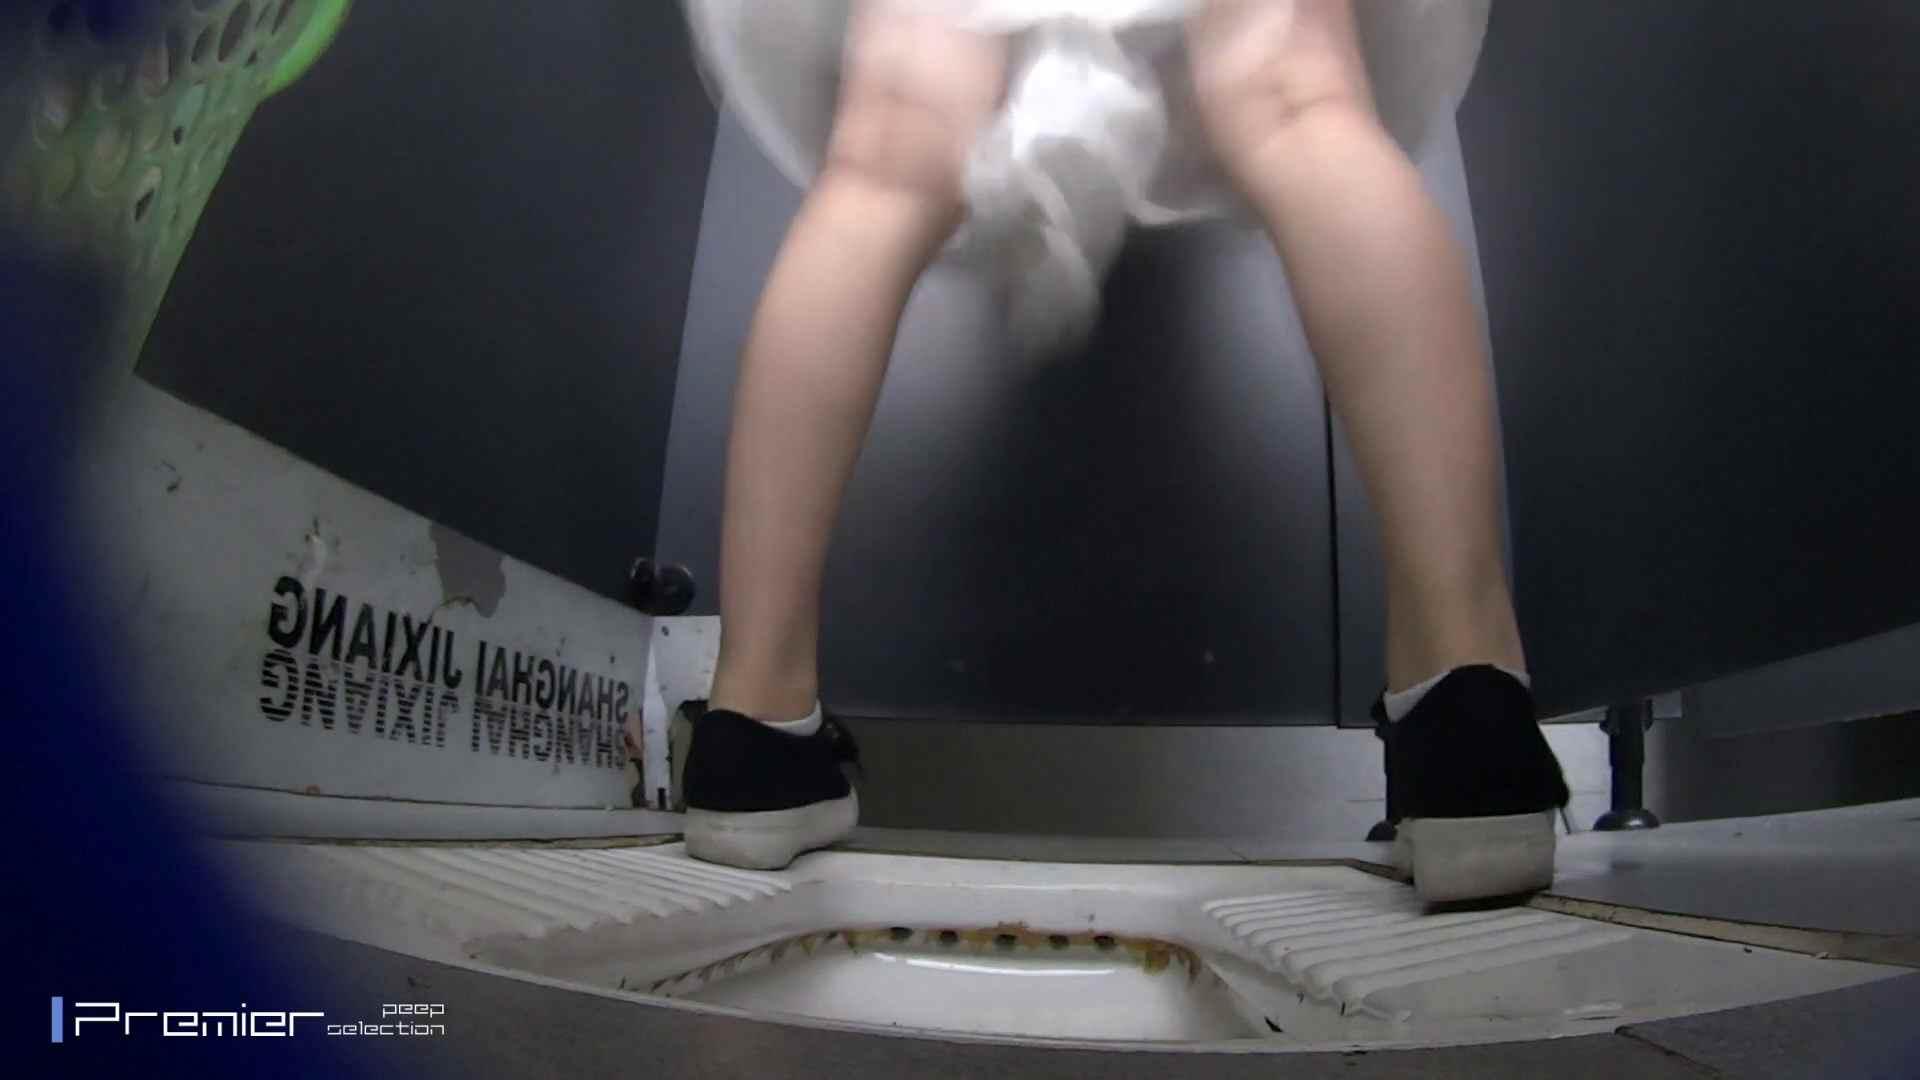 ポチャが多めの洗面所 大学休憩時間の洗面所事情45 お姉さん ワレメ動画紹介 105pic 13